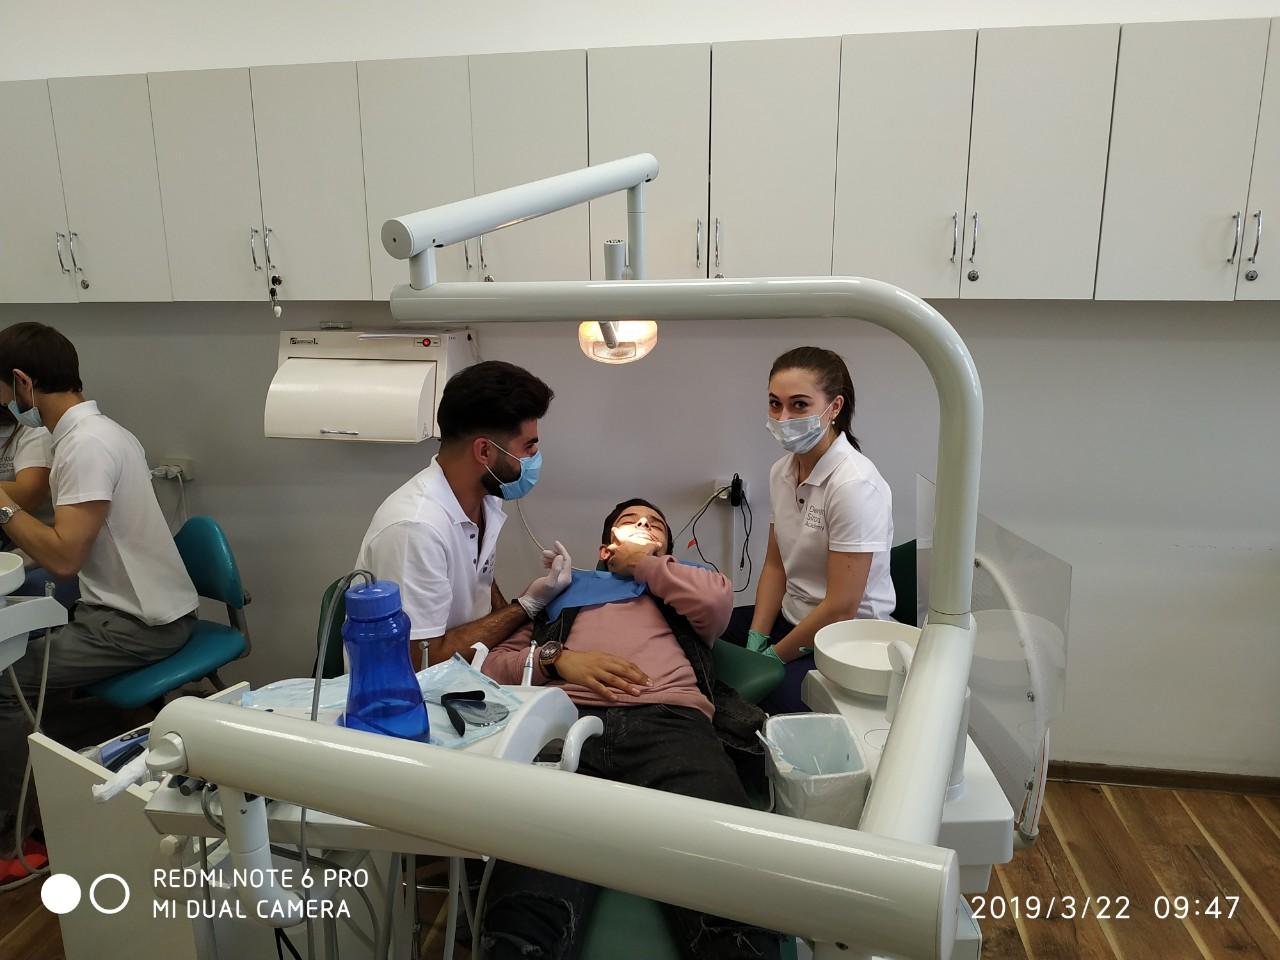 Ігор Шевчук – кращий з кращих в реставраційній стоматології серед студентів ОНМедУ